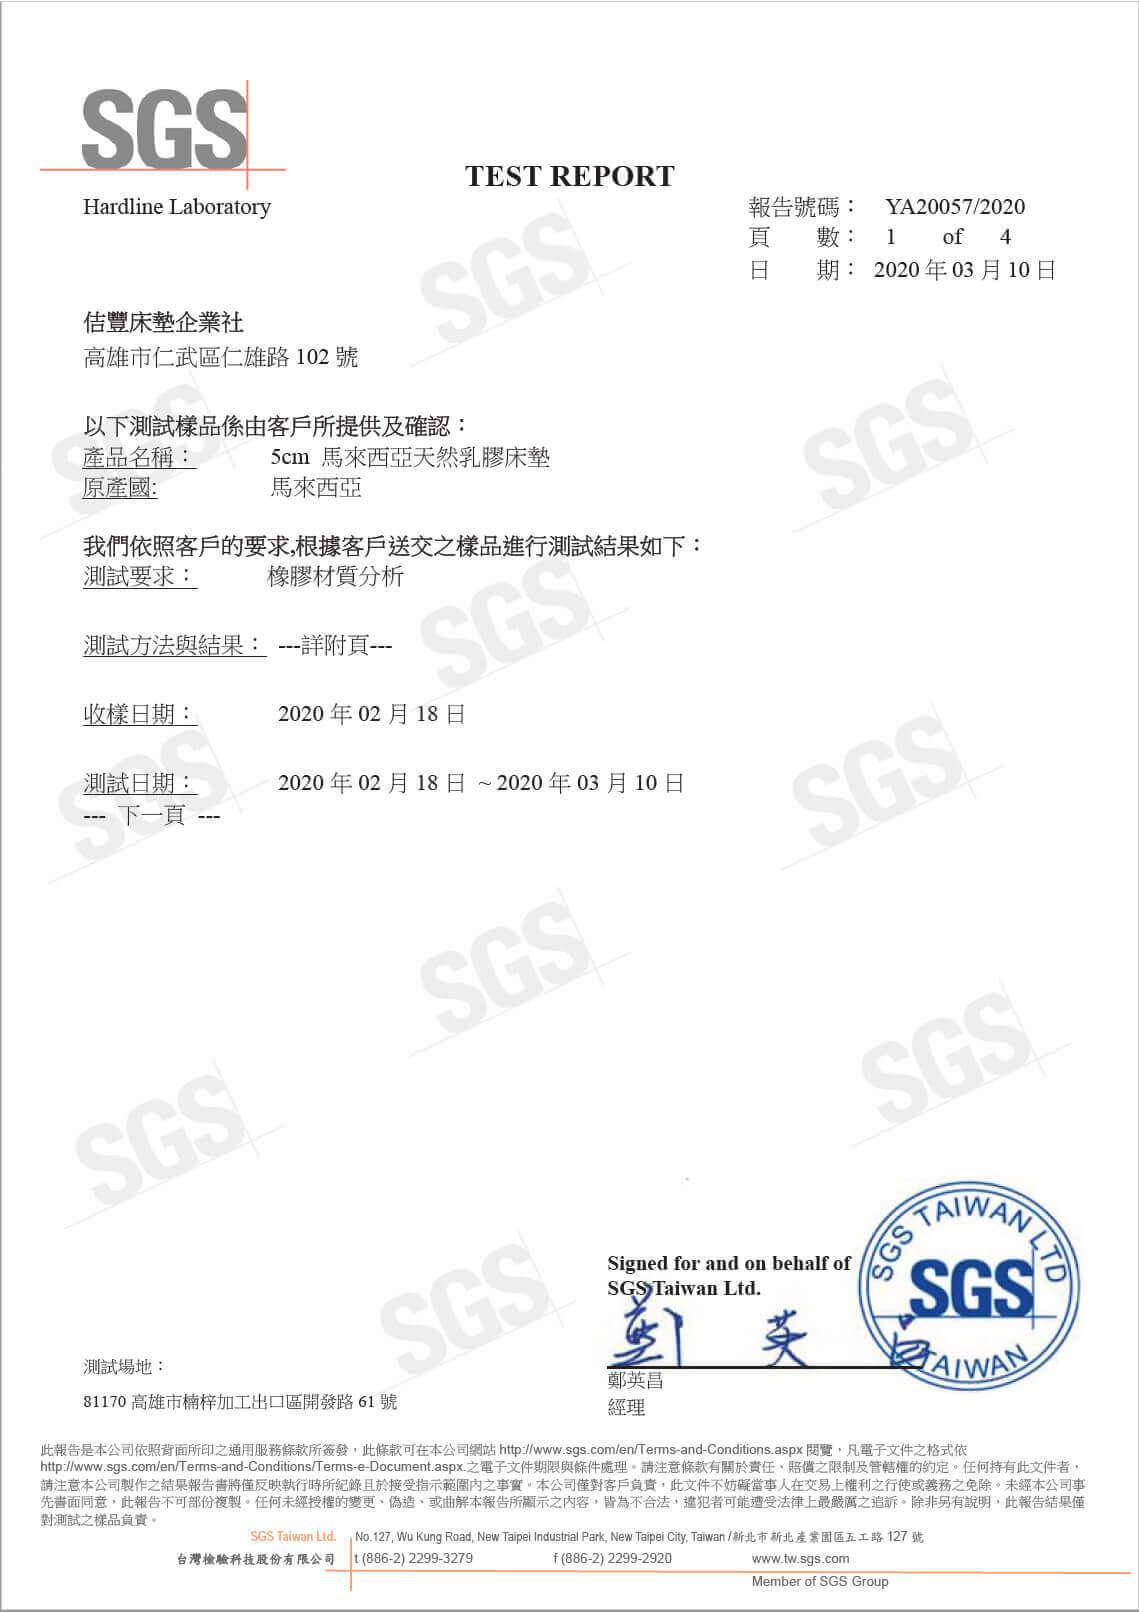 橘家床墊-SGS乳膠成分檢驗